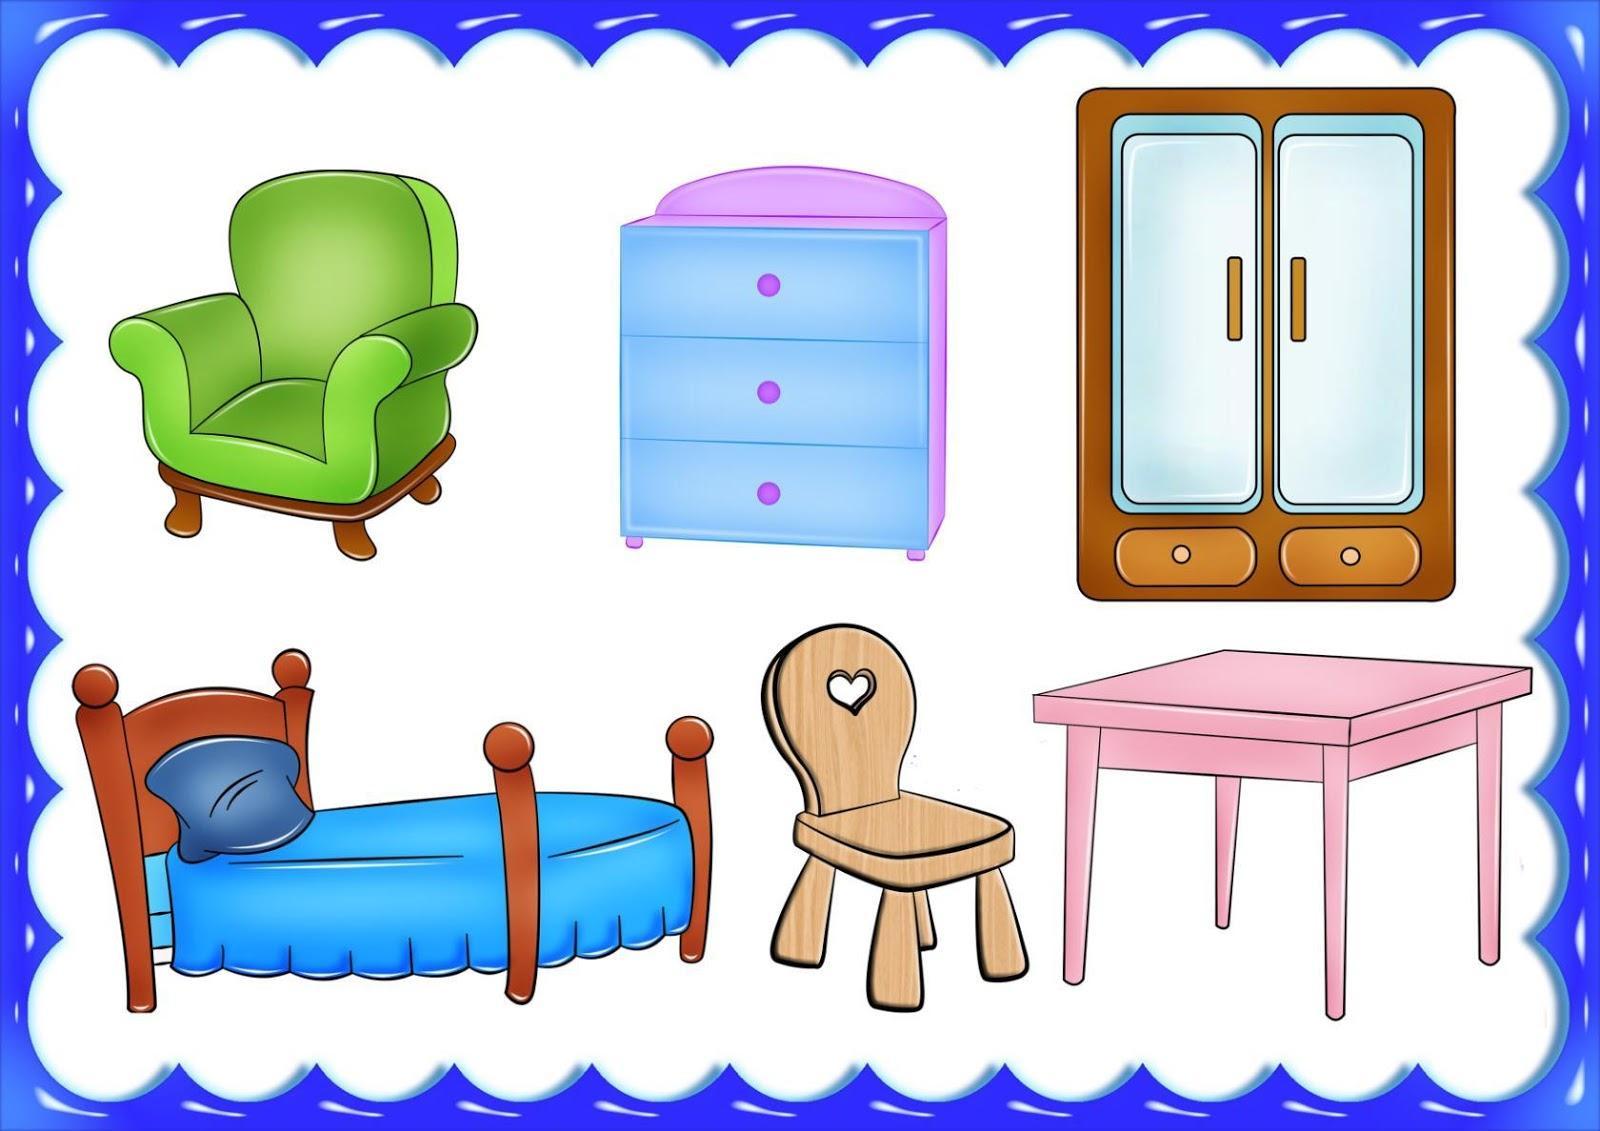 веселые картинки детям мебель заставки себе